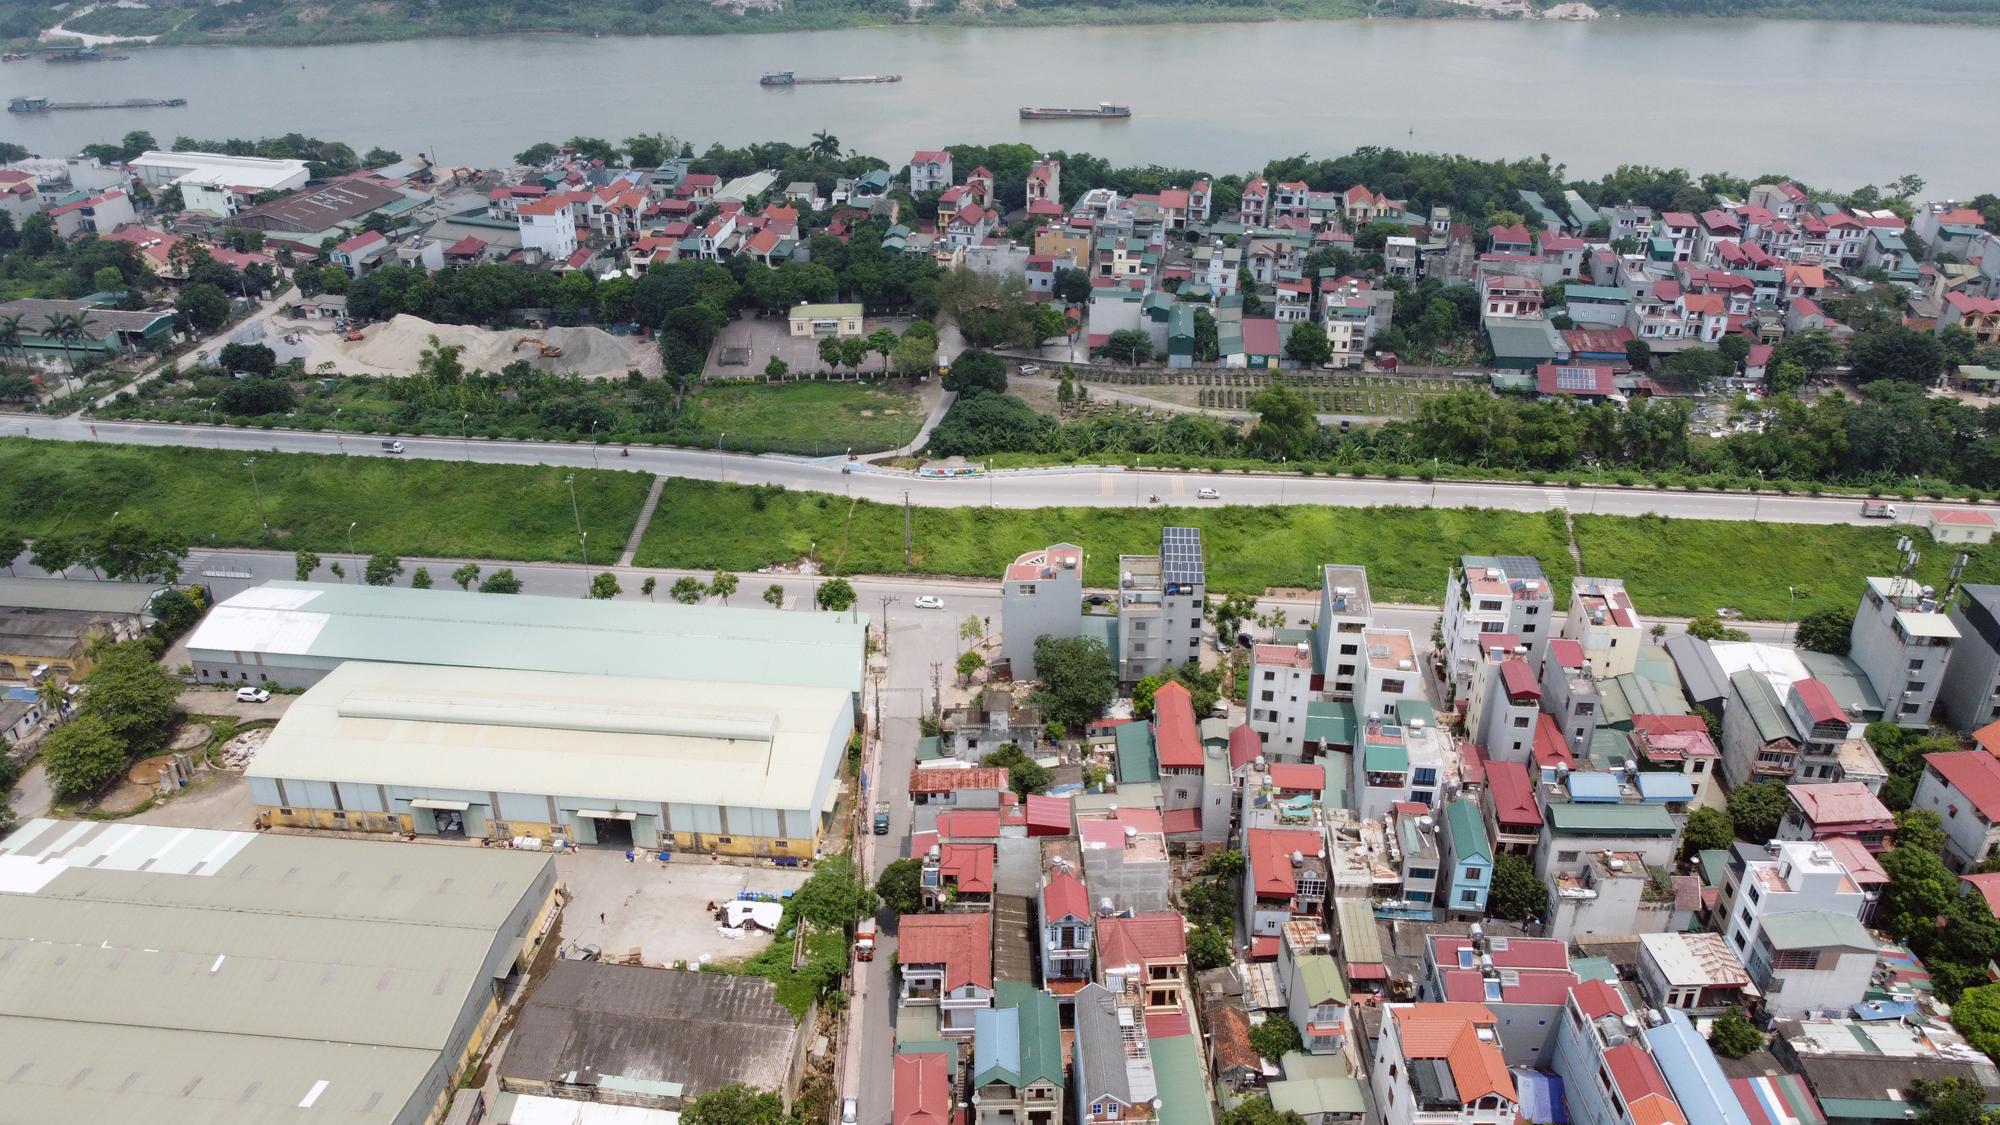 Hà Nội: Toàn cảnh các khu dân cư ven sông Hồng, sông Đuống thuộc diện di dời - Ảnh 17.